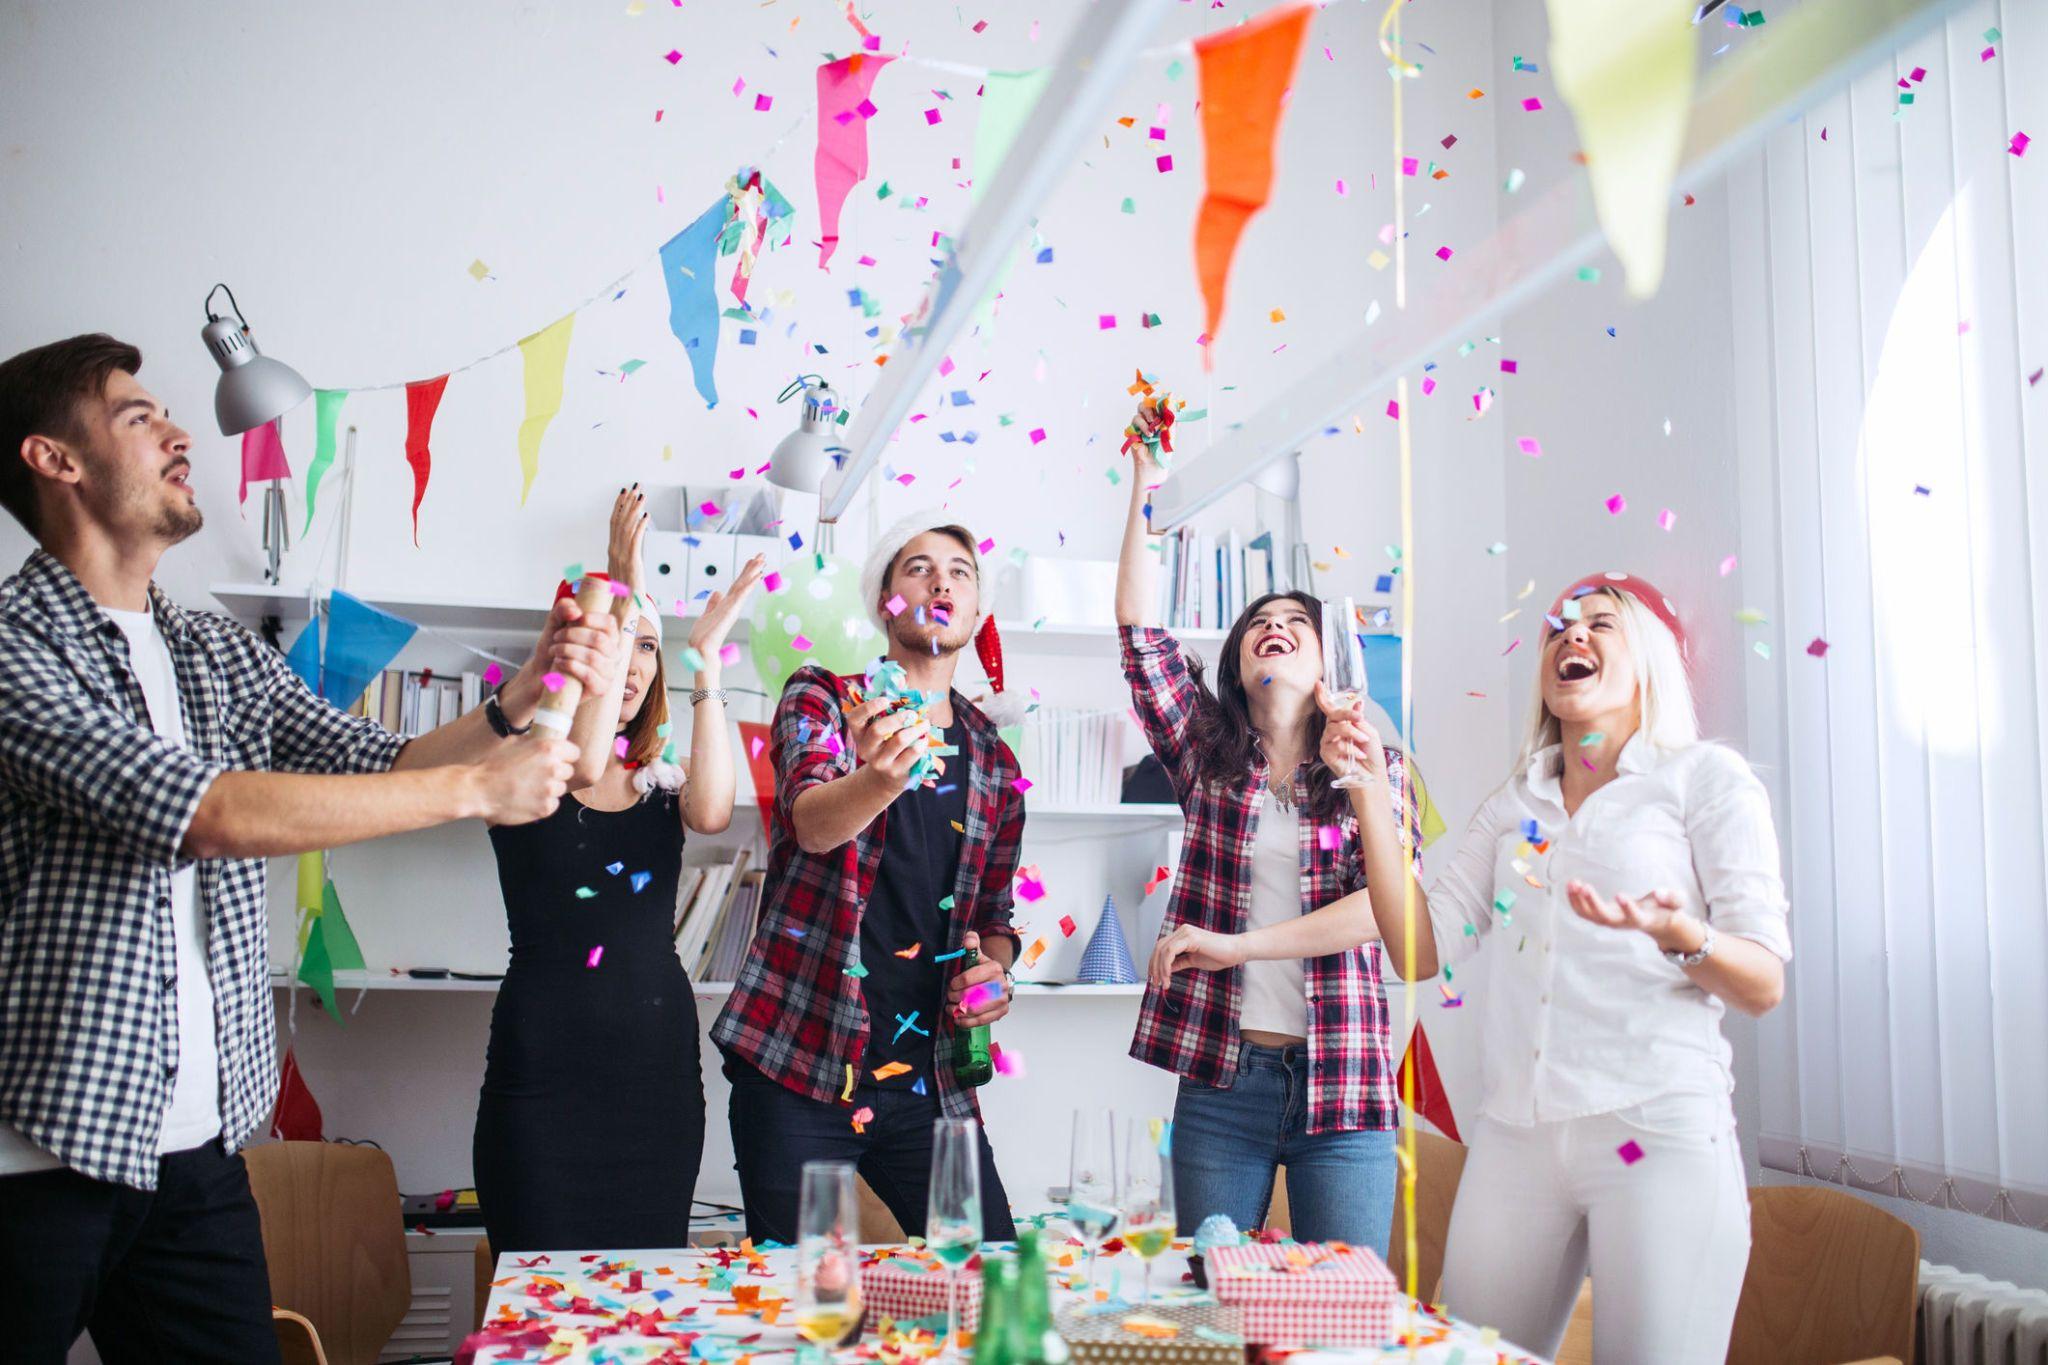 Idee Regalo Per Colleghi D Ufficio : Il galateo dei regali in ufficio come fare colpo su capi e colleghi